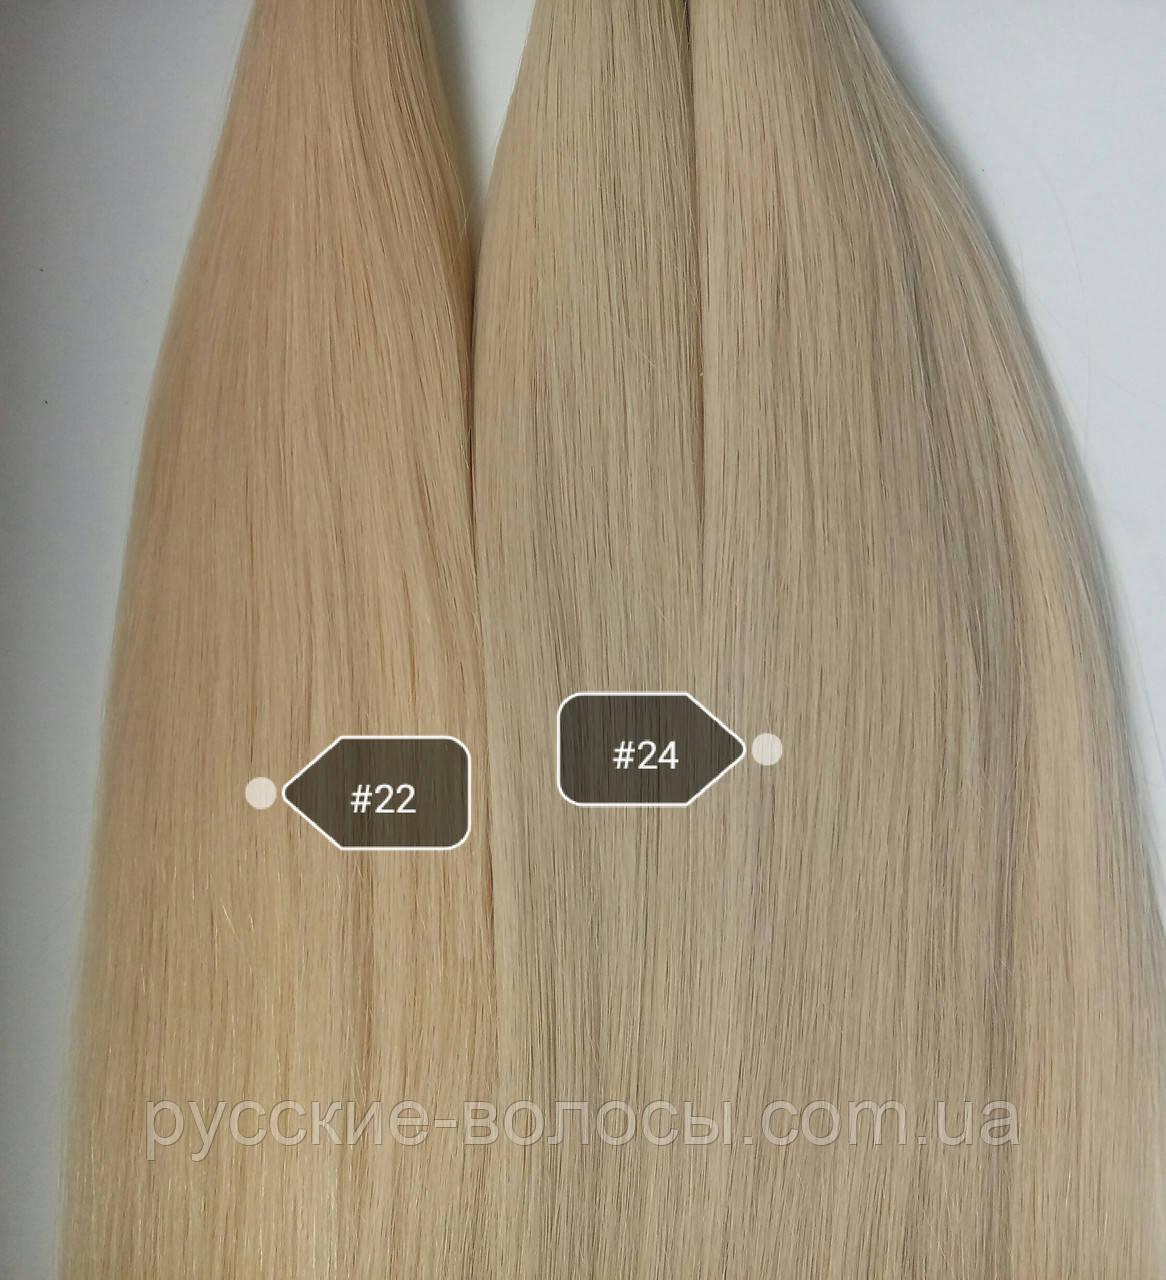 Волос наращивания срез. Натуральные славянские волосы для наращивания стандарт - качество недорого блонд пепельный, 65